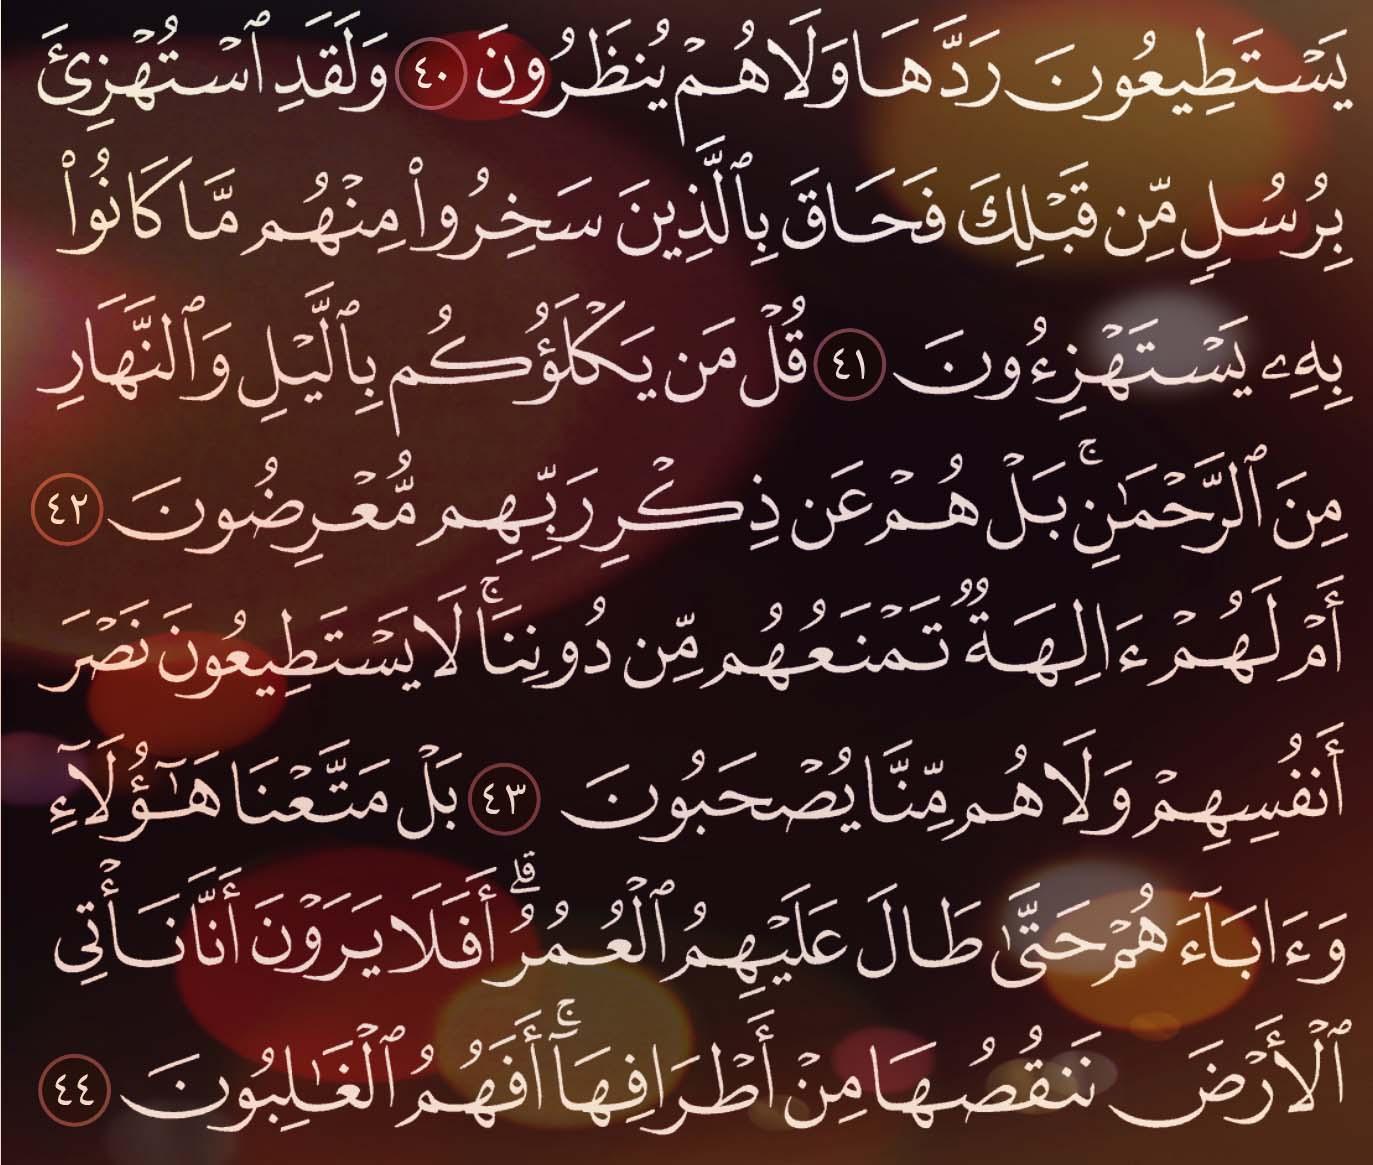 شرح وتفسير, سورة الأنبياء, surah al-anbiya, ( من الآية 36 إلى الاية 44 ),